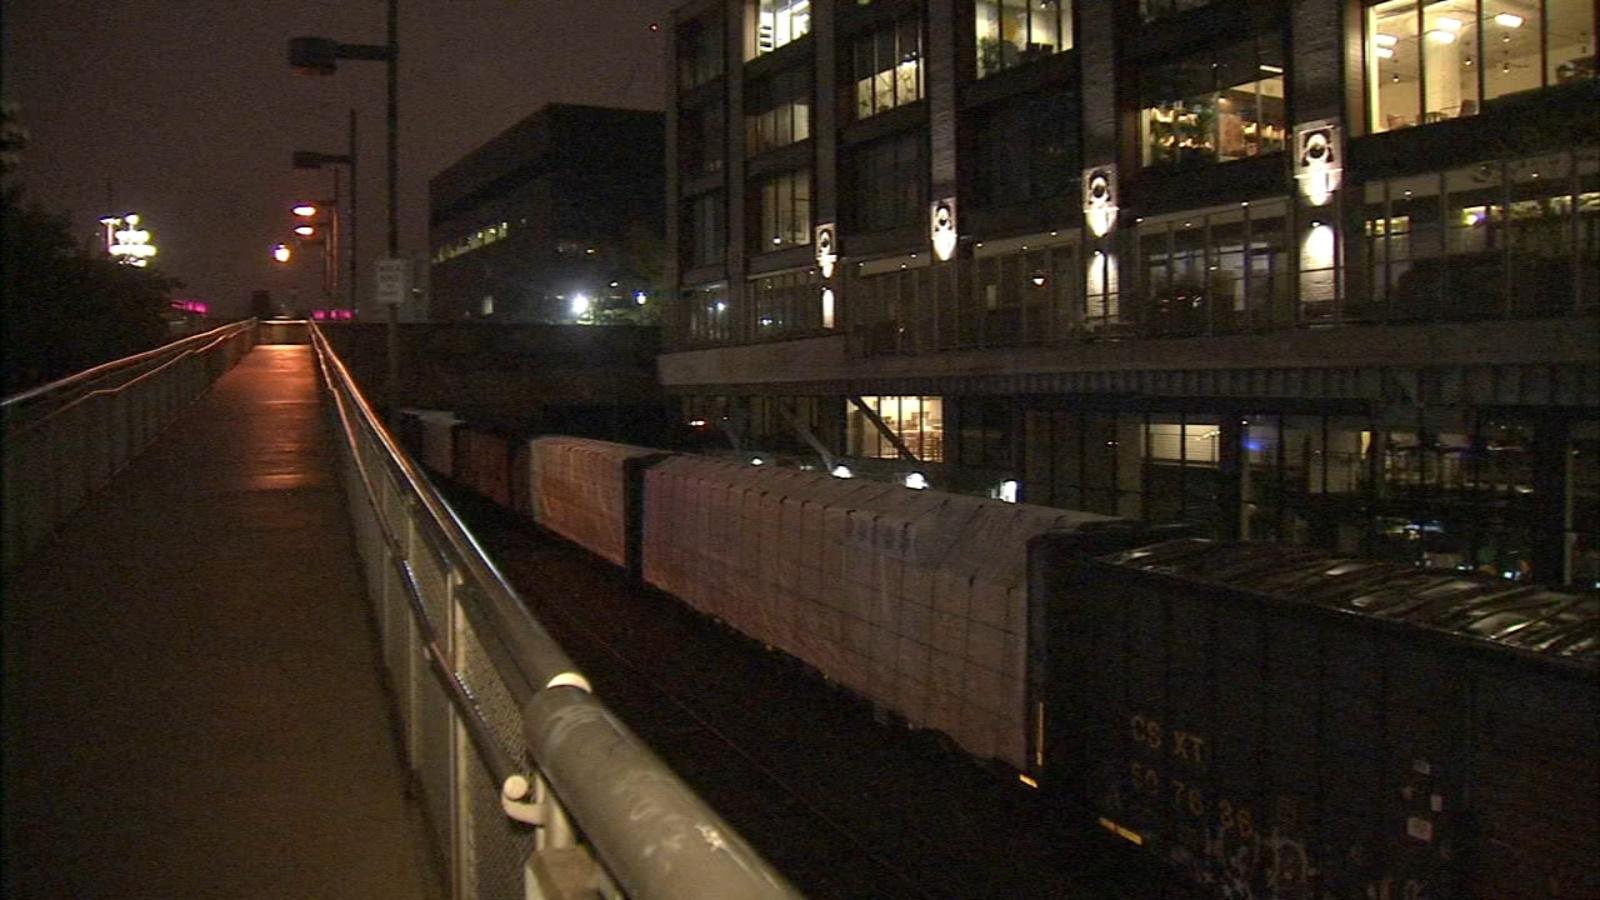 Investigation underway into train car derailment in Center City